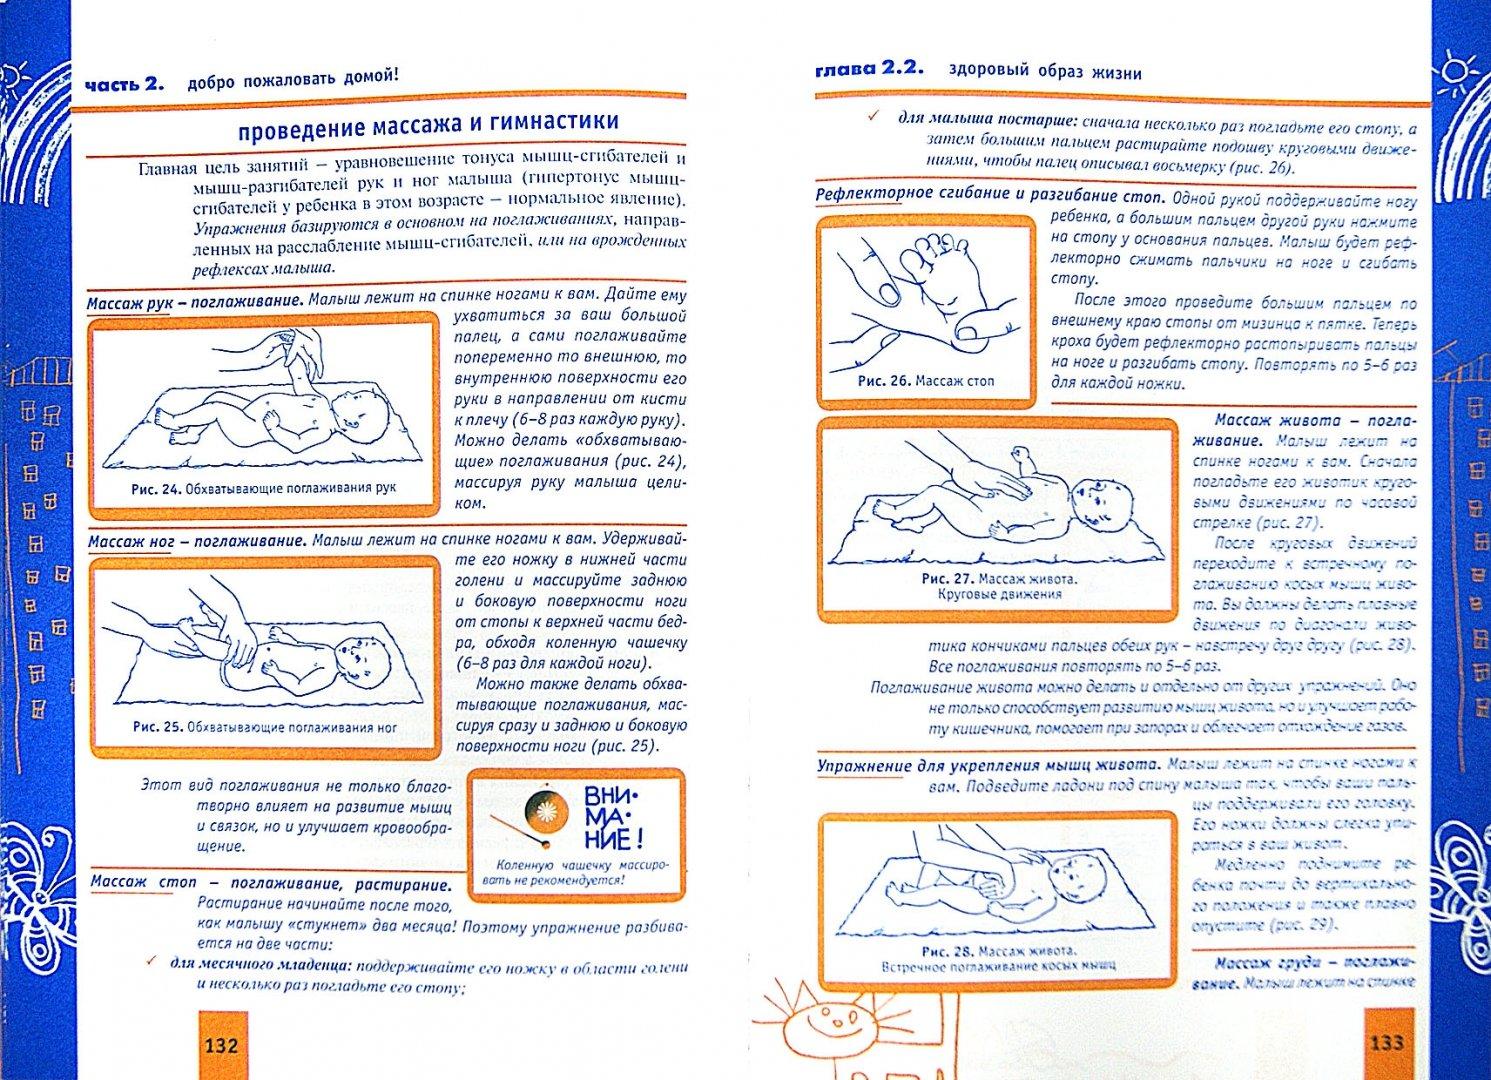 Иллюстрация 1 из 12 для Ваш малыш от рождения до года. Начало жизни - Геннадий Непокойчицкий | Лабиринт - книги. Источник: Лабиринт